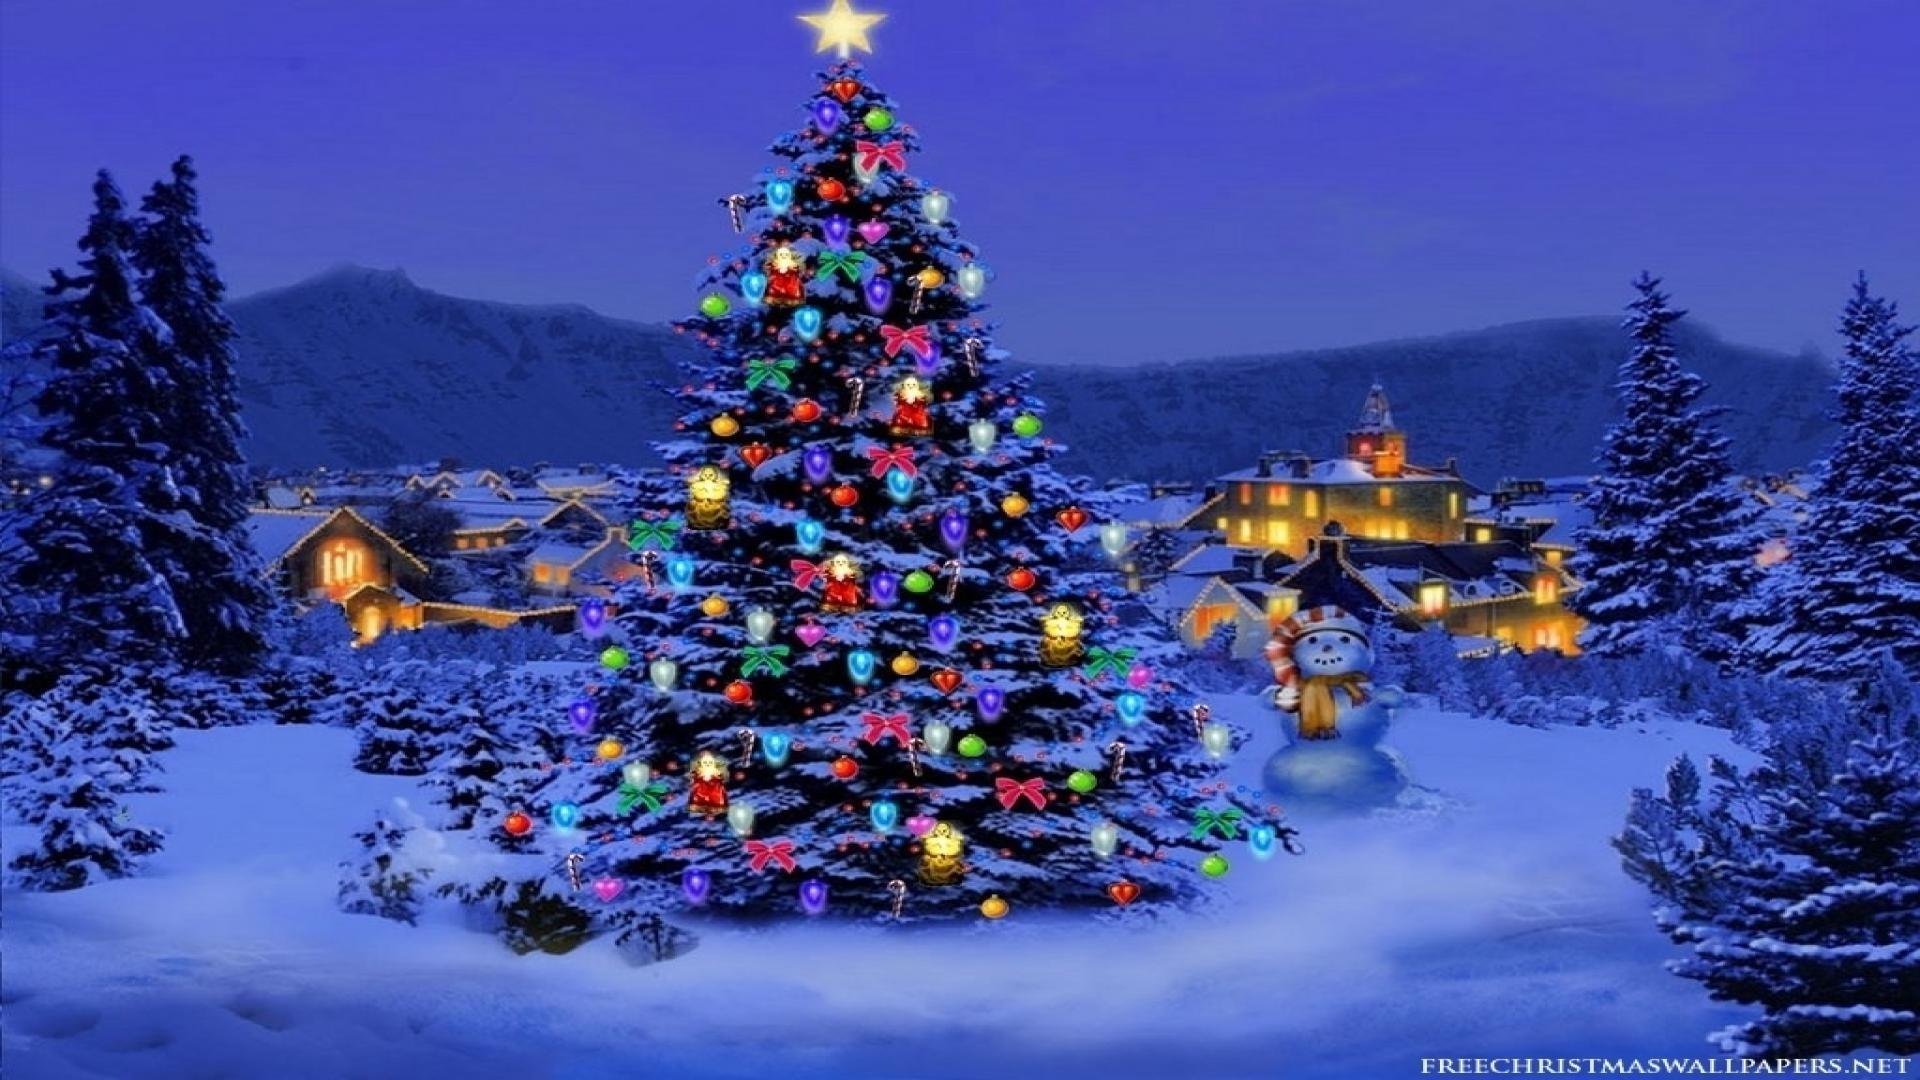 Christmas Tree HD Wallpapers Christmas Wallpapers .